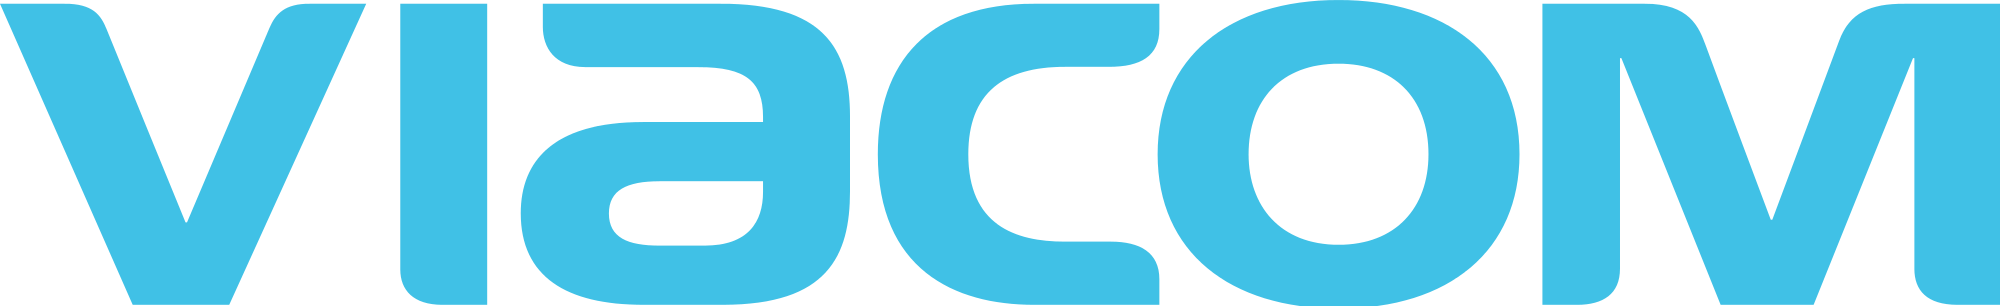 Hacer day trading con acciones de Viacom